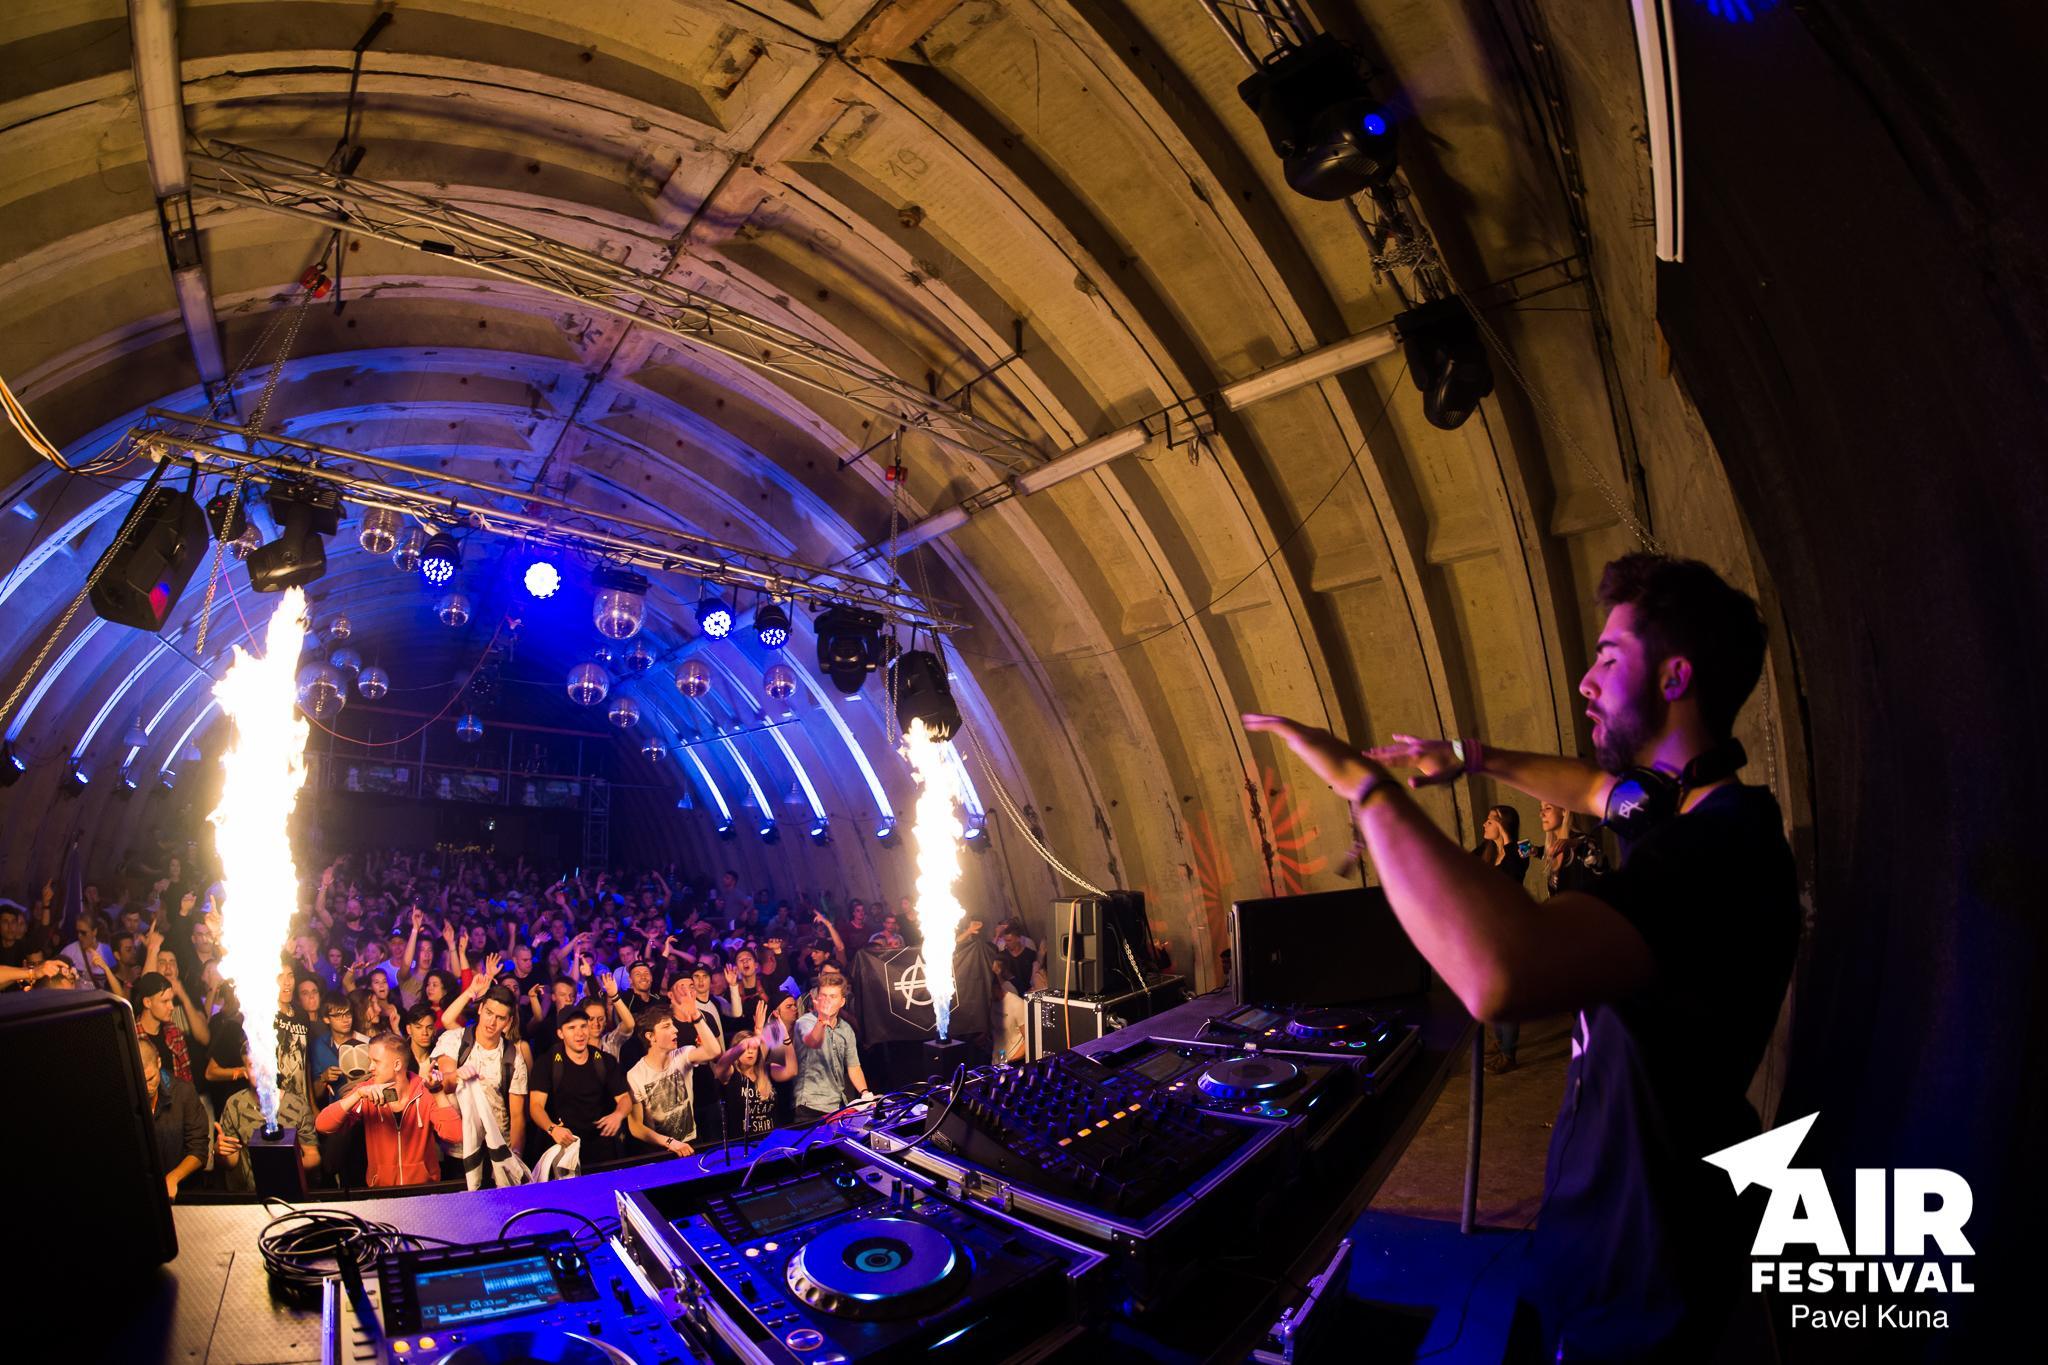 airfestival121